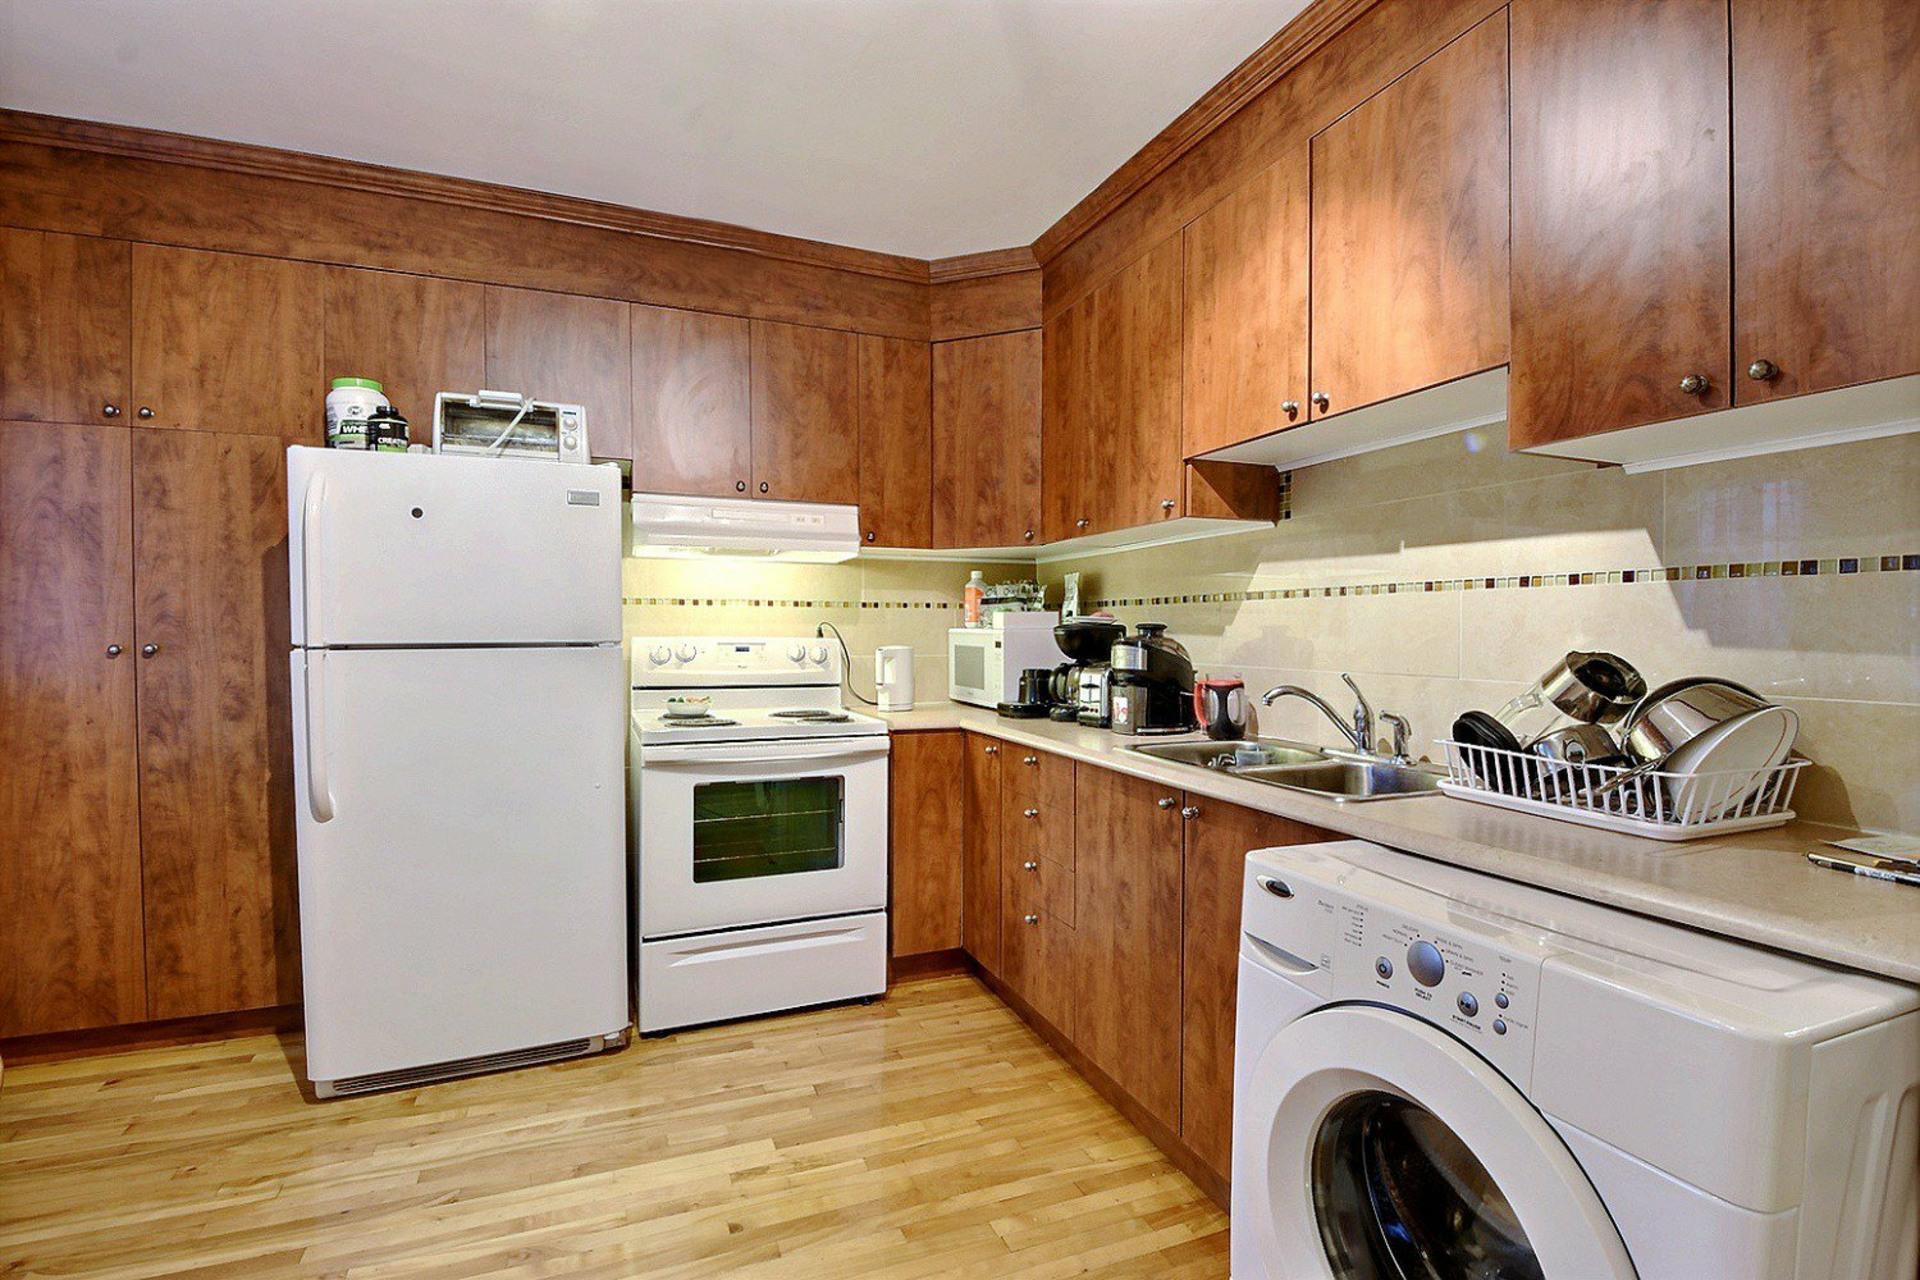 image 15 - Duplex For sale Lachine Montréal  - 6 rooms